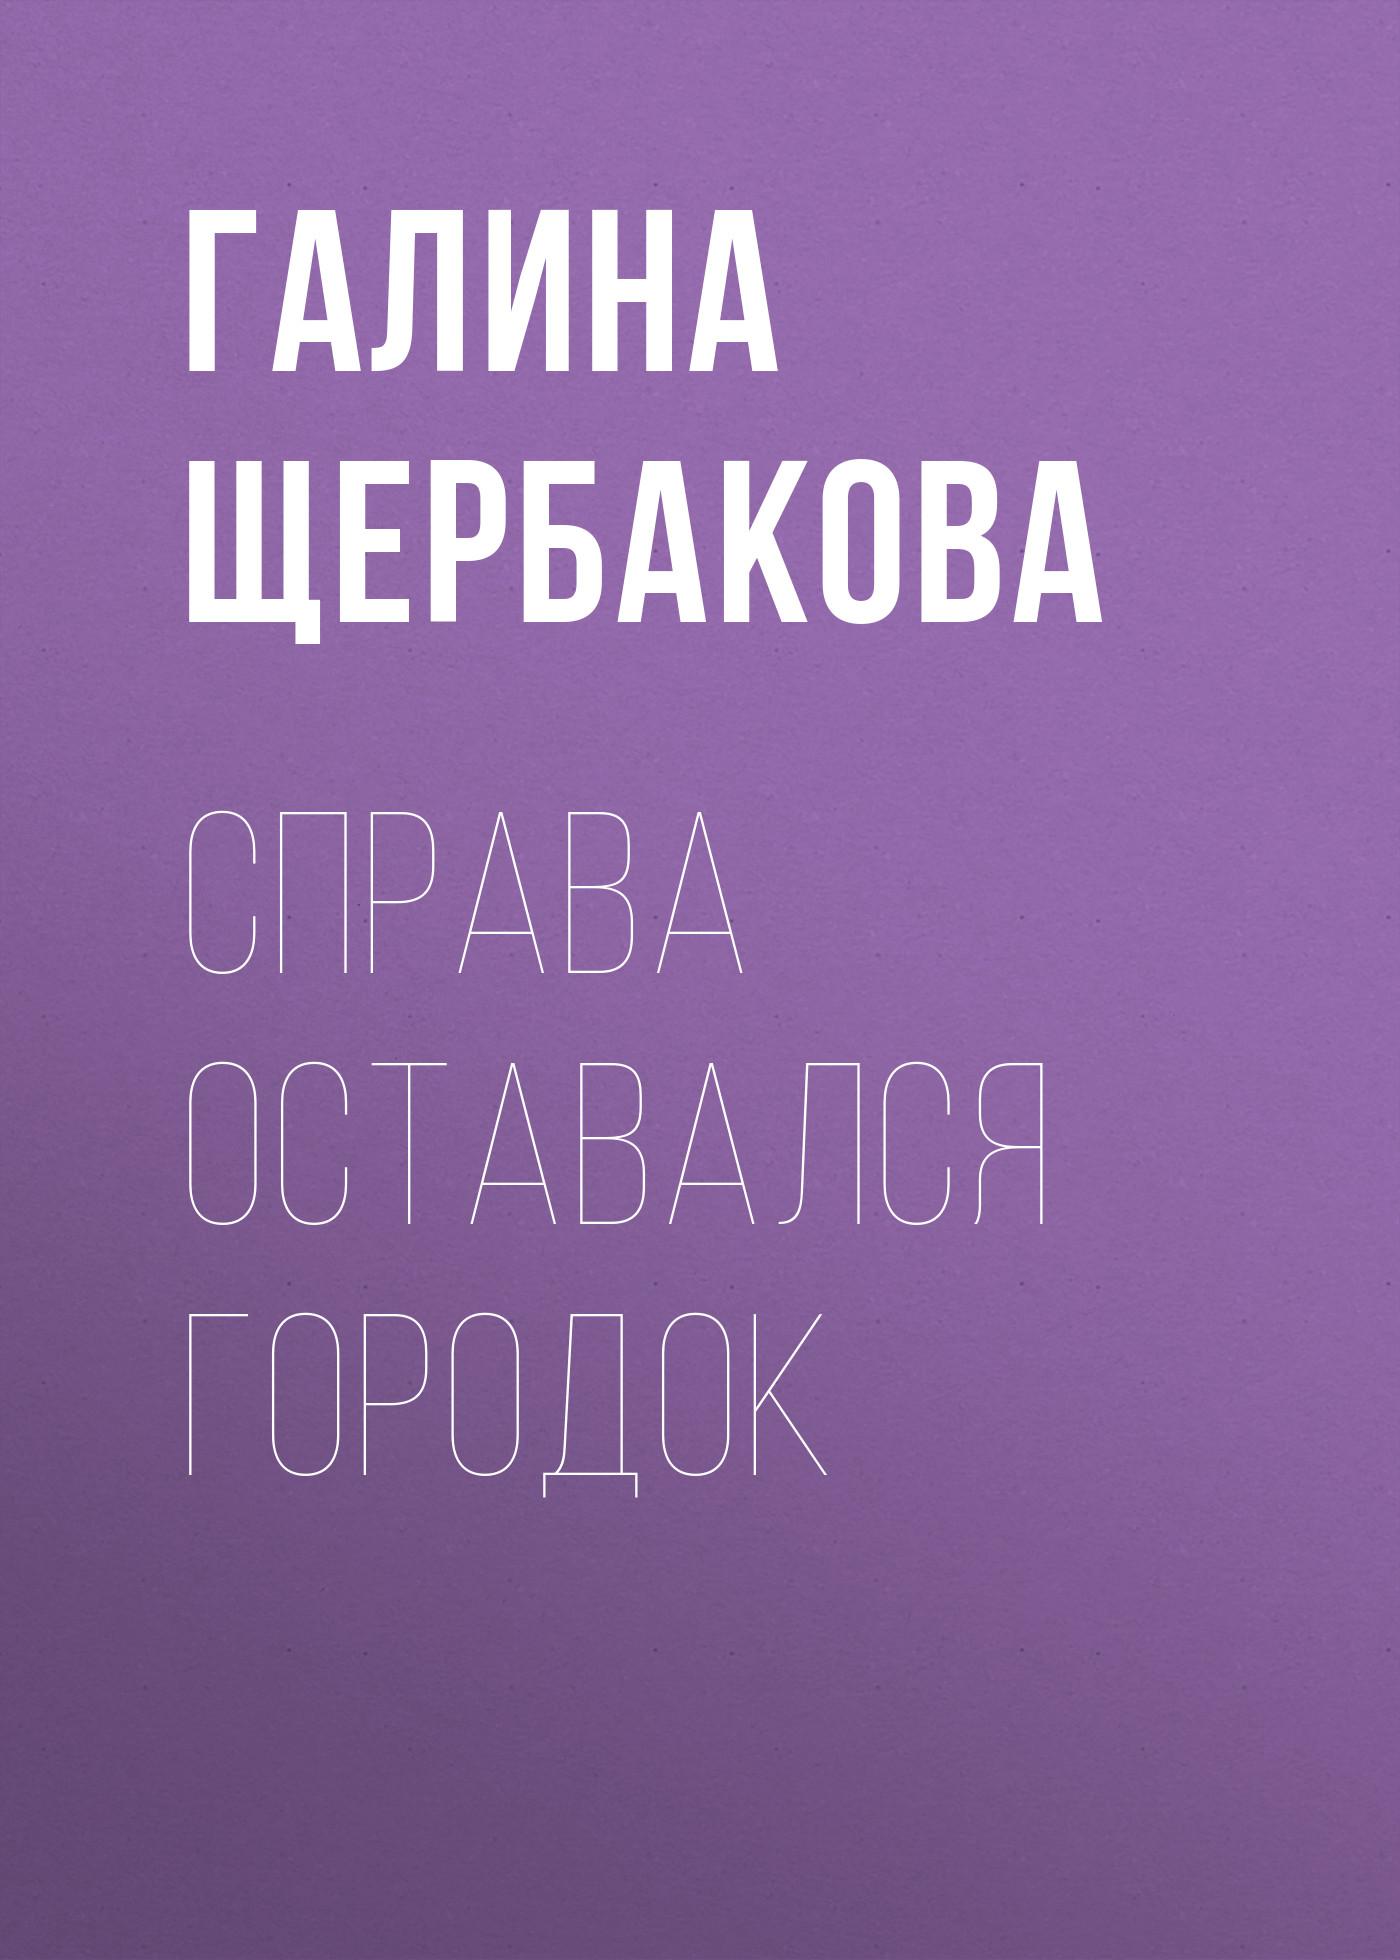 Галина Щербакова Справа оставался городок щербакова галина николаевна справа оставался городок